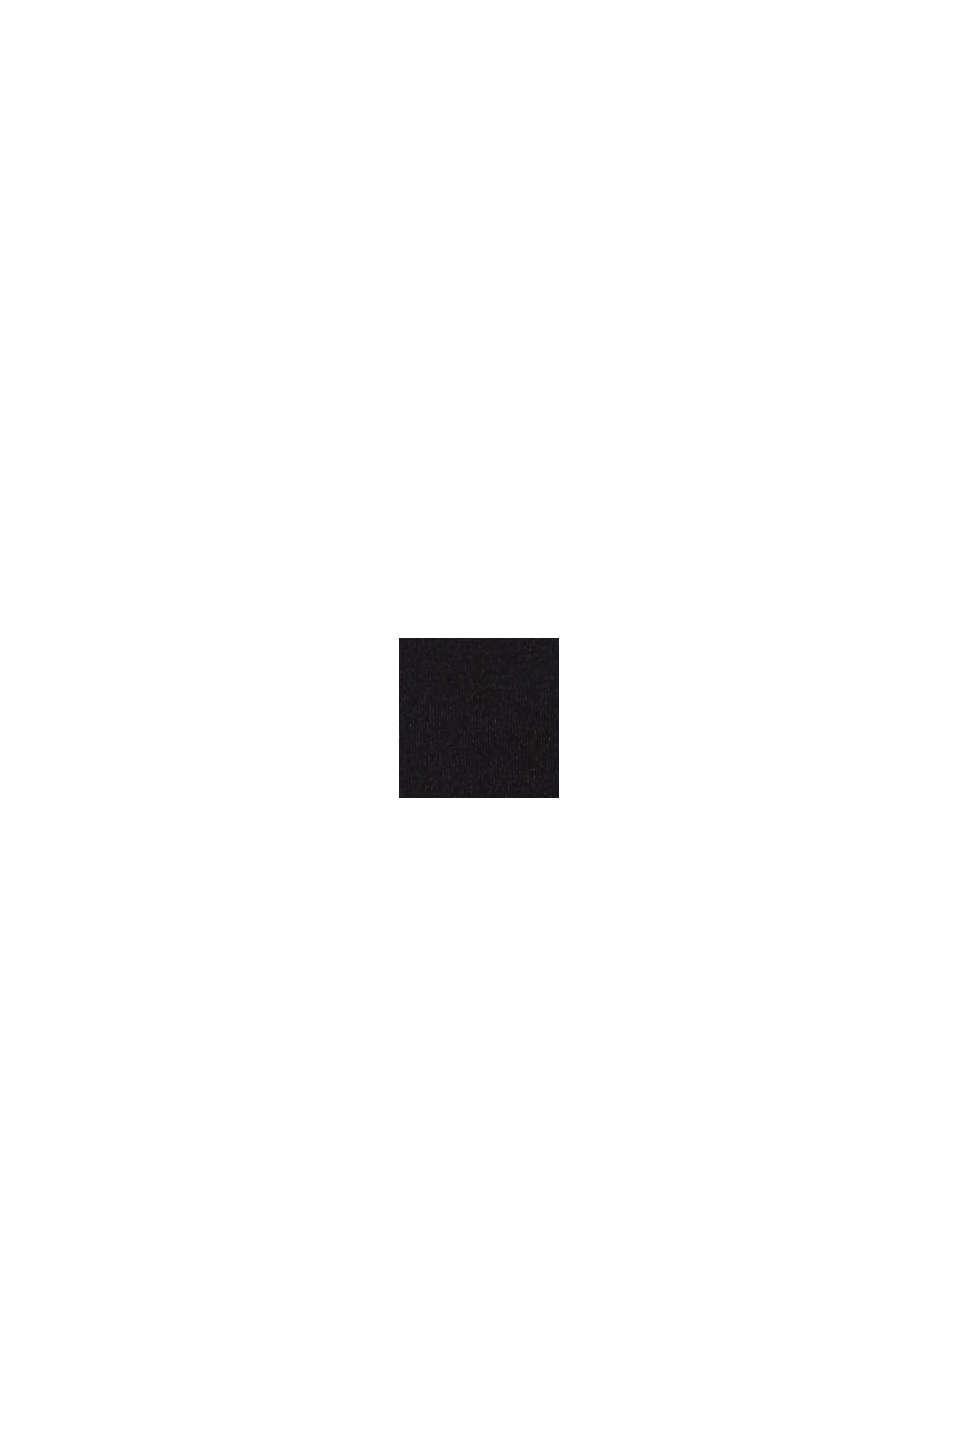 In materiale riciclato: culotte corte in microfibra, BLACK, swatch